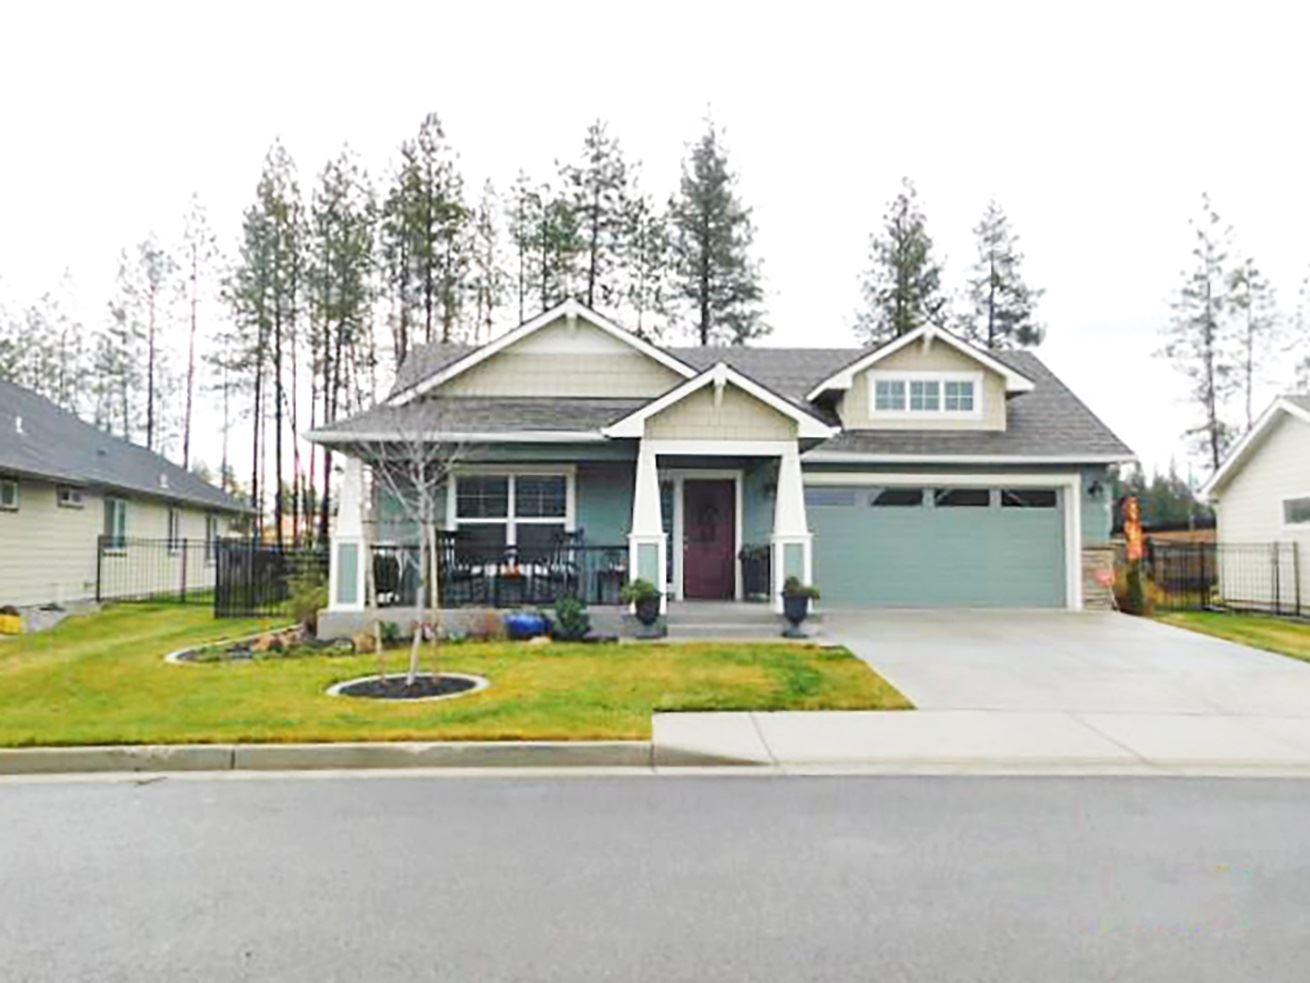 7035 S Forest Ridge Dr, Spokane, WA 99224 - #: 202111986